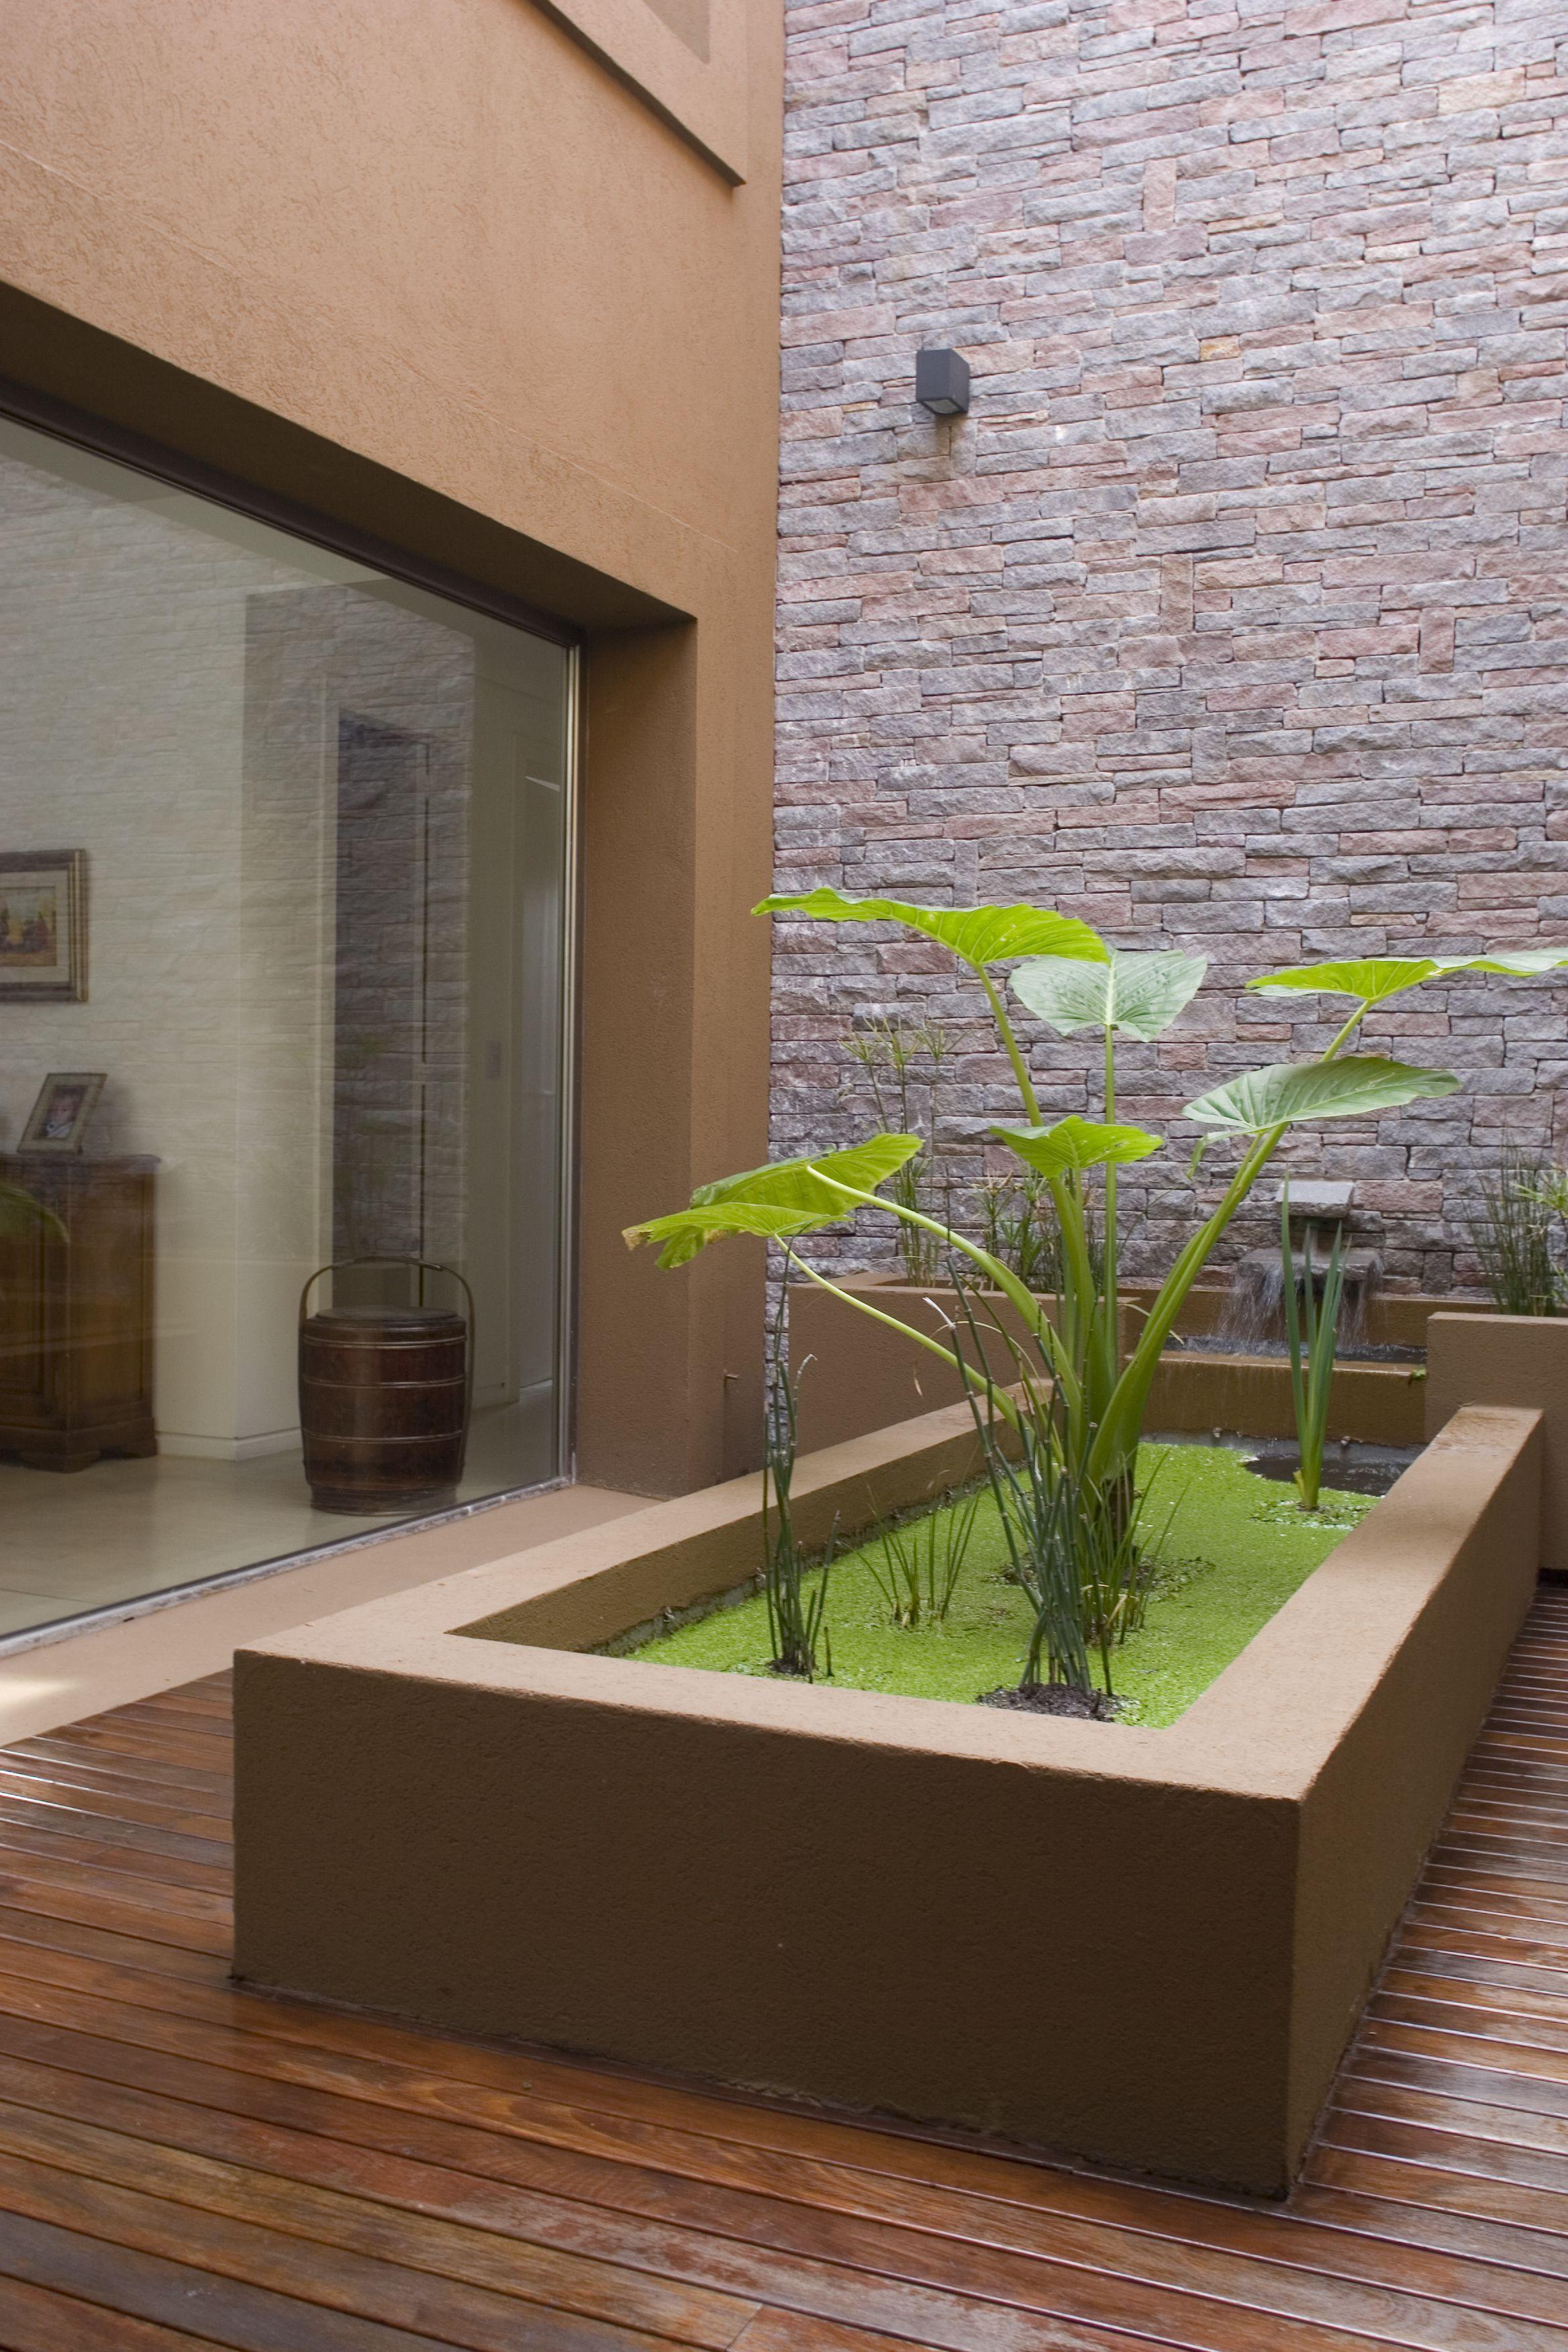 plantes d 39 eau sur balcon jardins urbains urban farming pinterest bassin balcons et eaux. Black Bedroom Furniture Sets. Home Design Ideas